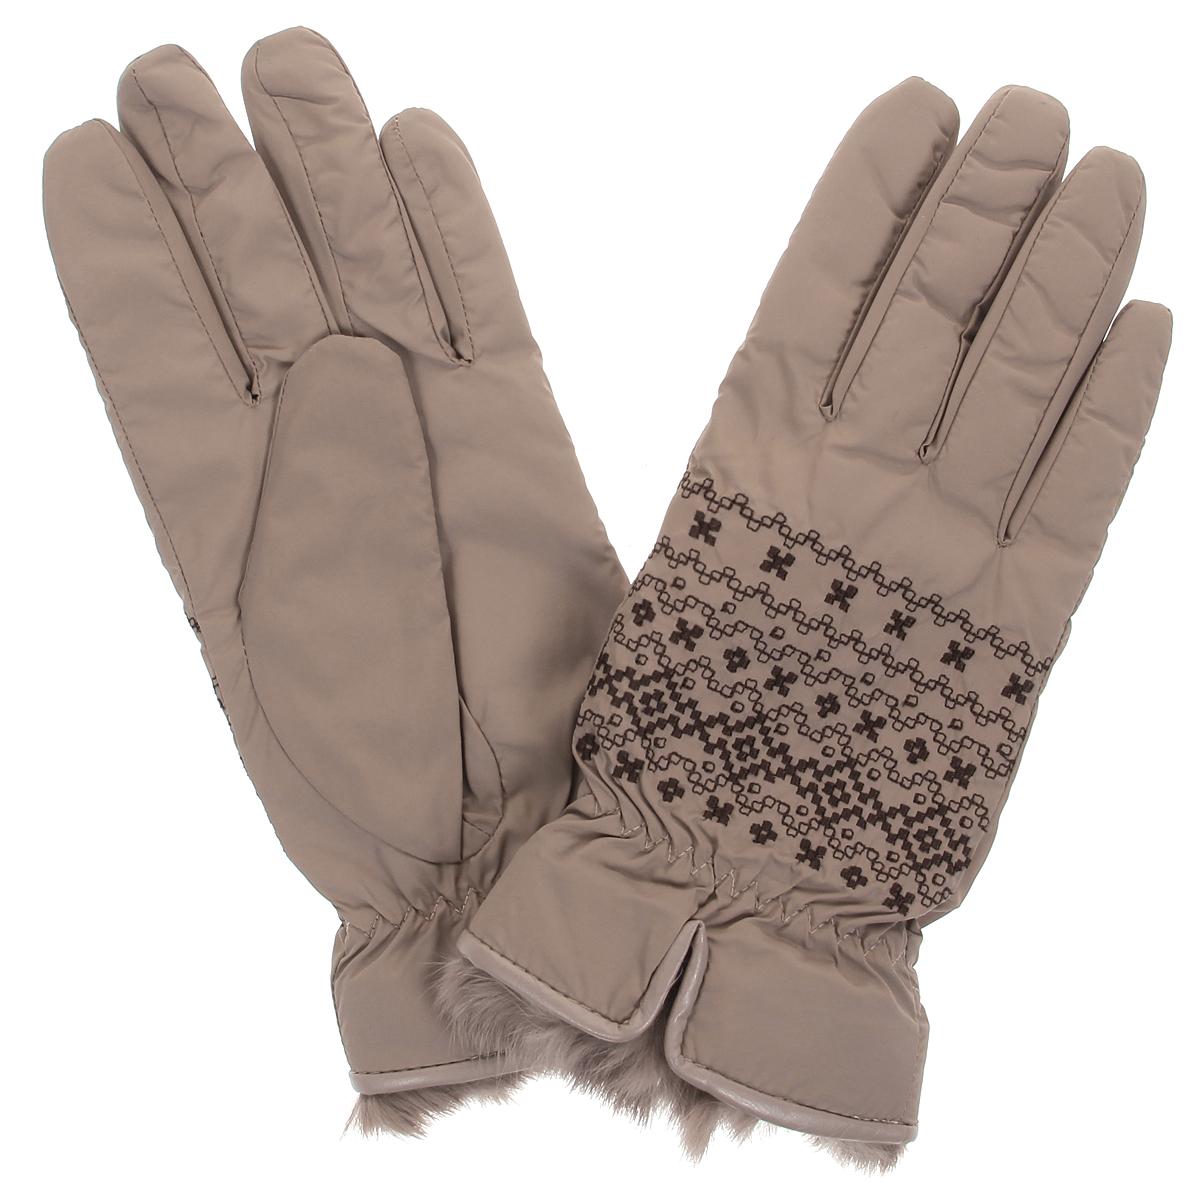 Перчатки женские. 95006-1295006-12BСтильные женские перчатки Moltini не только защитят ваши руки от холода, но и станут великолепным украшением. Верх модели выполнен из нейлона, подкладка - из мягкого текстильного материала, который хорошо сохраняет тепло. В области запястья модель присборена на резинку, что обеспечивает плотную посадку по руке. На лицевой стороне имеется небольшой разрез. Декорировано изделие мехом кролика и кантом из искусственной кожи, на лицевой стороне перчатки украшены вышитым орнаментом. Перчатки станут завершающим и подчеркивающим элементом вашего неповторимого стиля и индивидуальности.